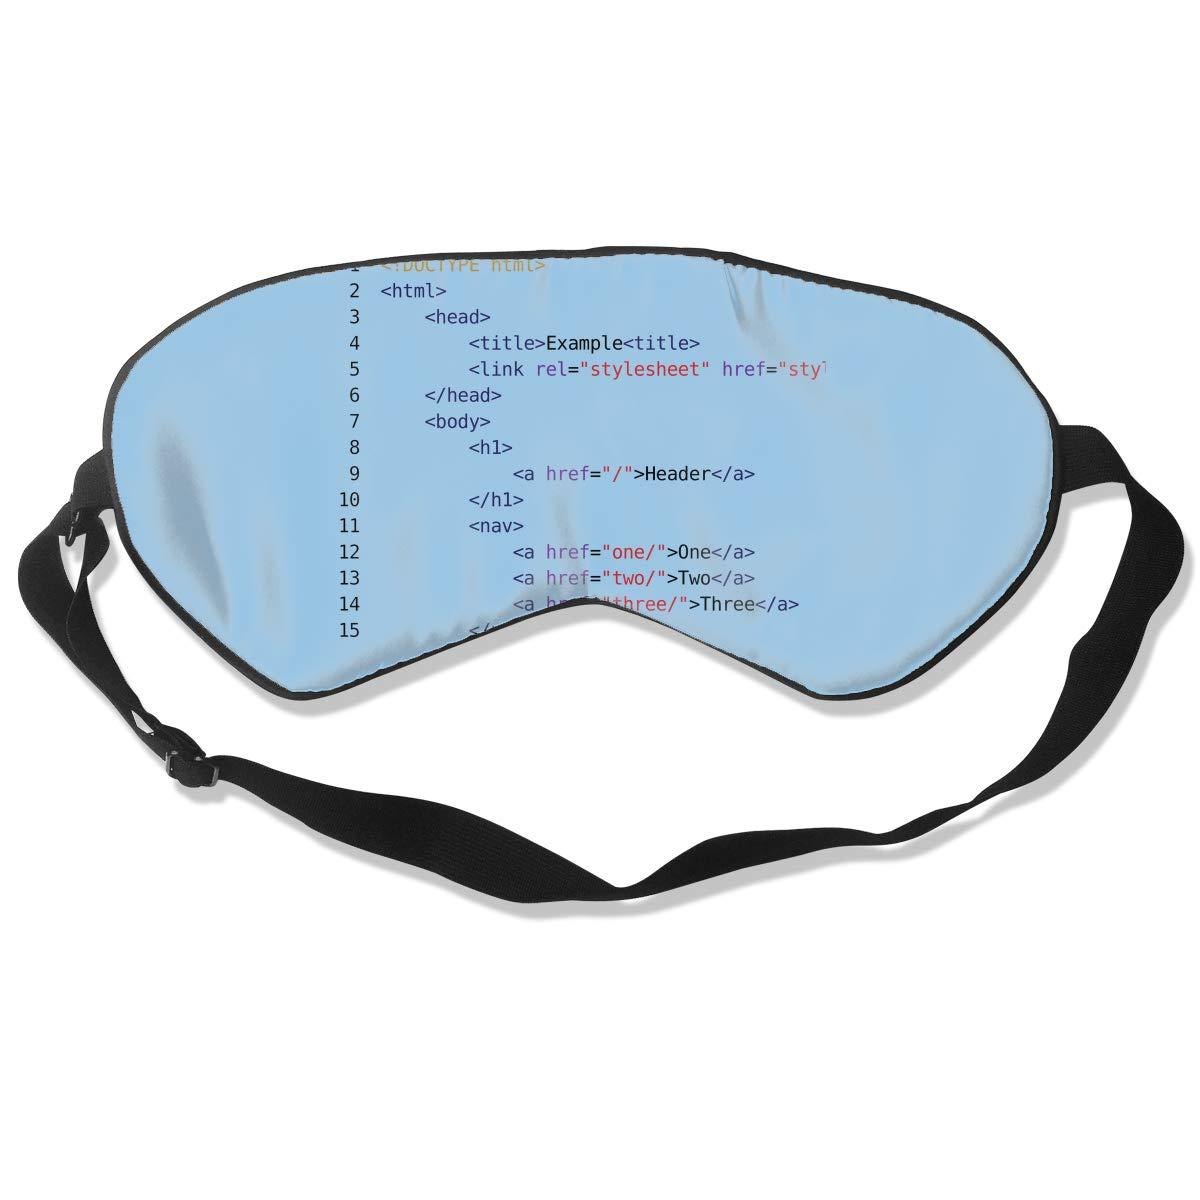 Amazon com: Sleep Mask Computer Code Eye Cover Blackout Eye